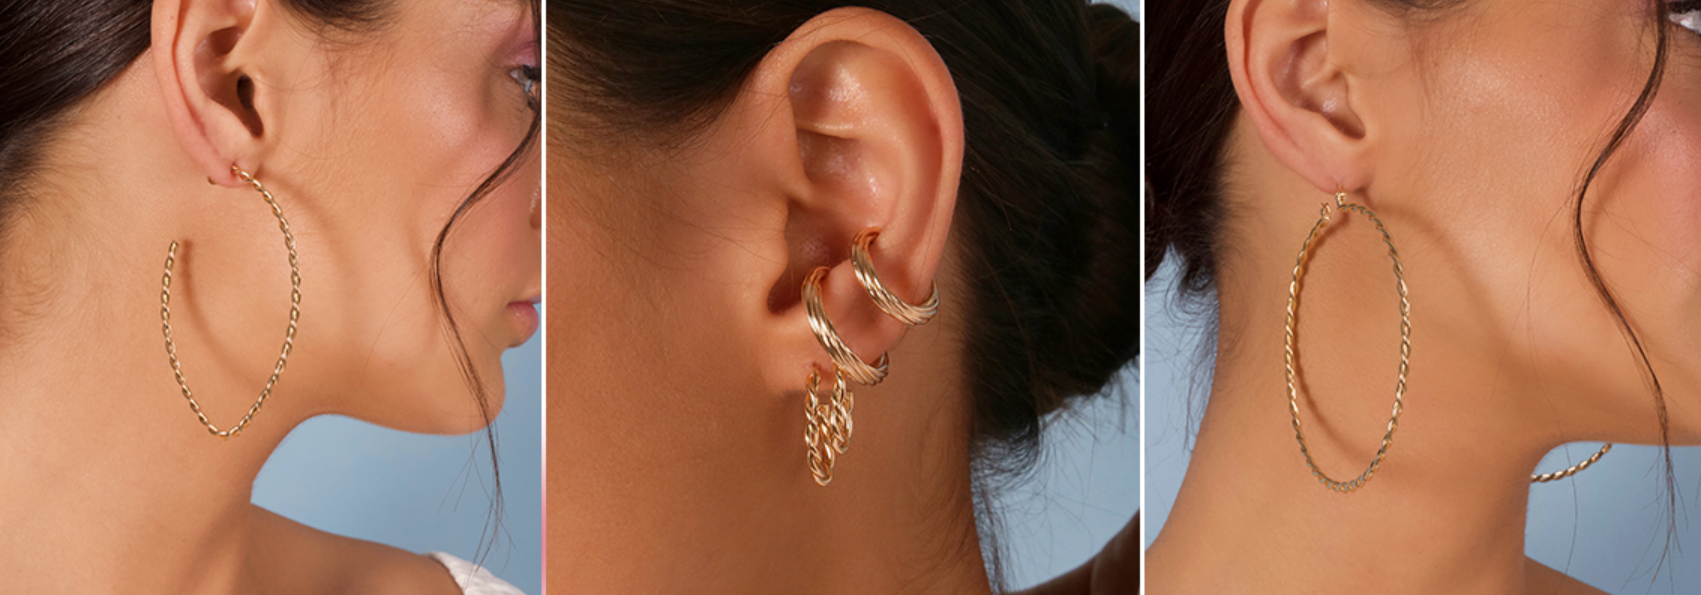 três fotos de uma mulher usando modelos de lançamento de piercings de argola